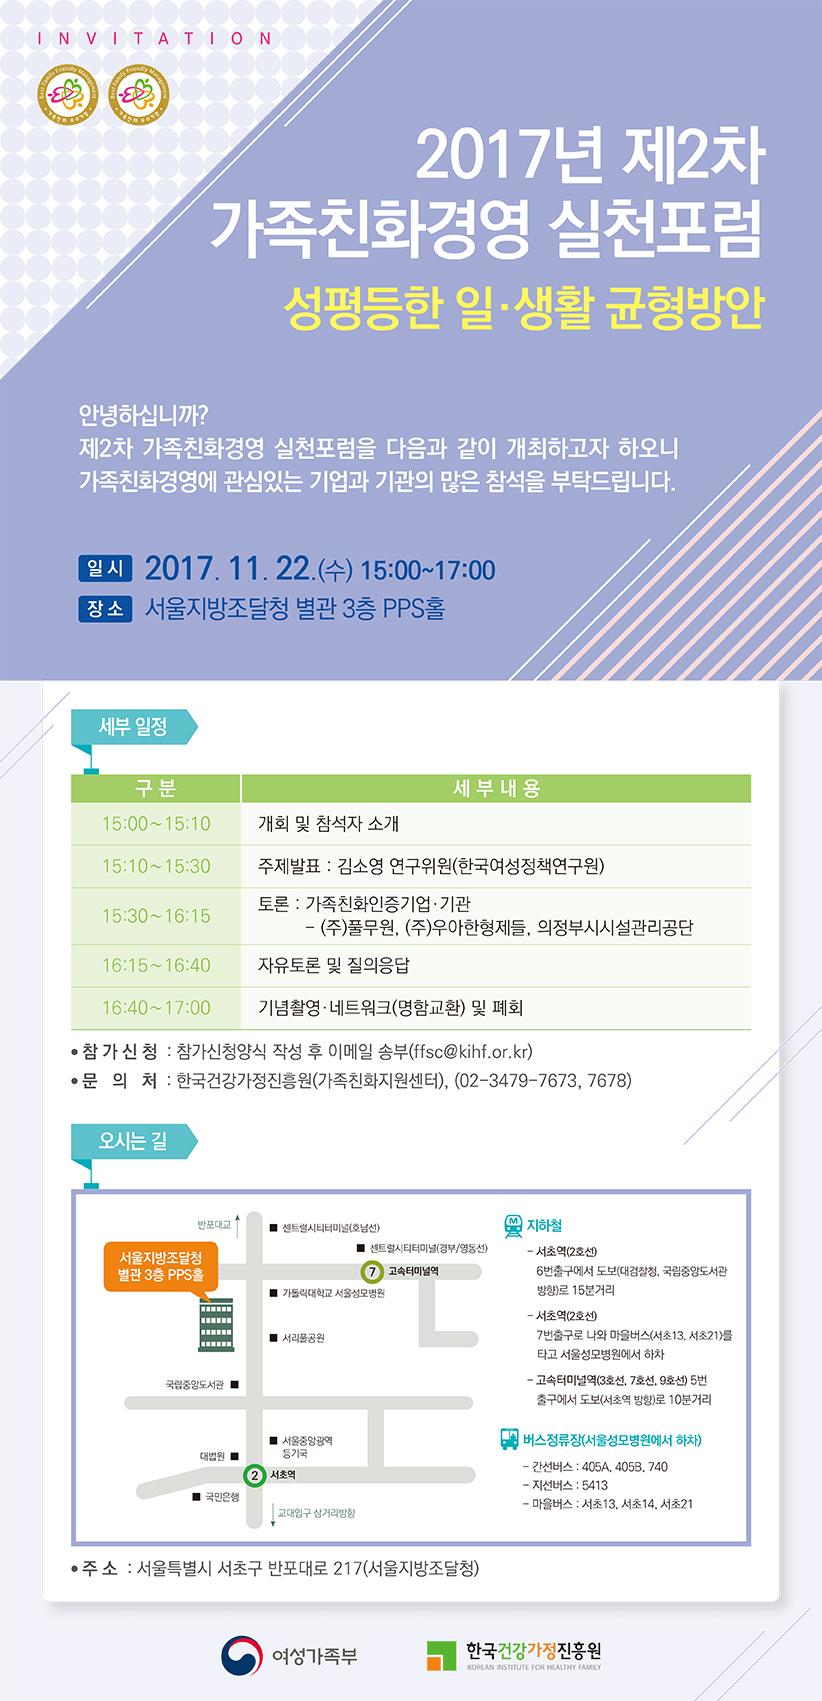 (E-초청장)한국건강가정진흥원_2017년 제2차 가족친화경영 실천포럼